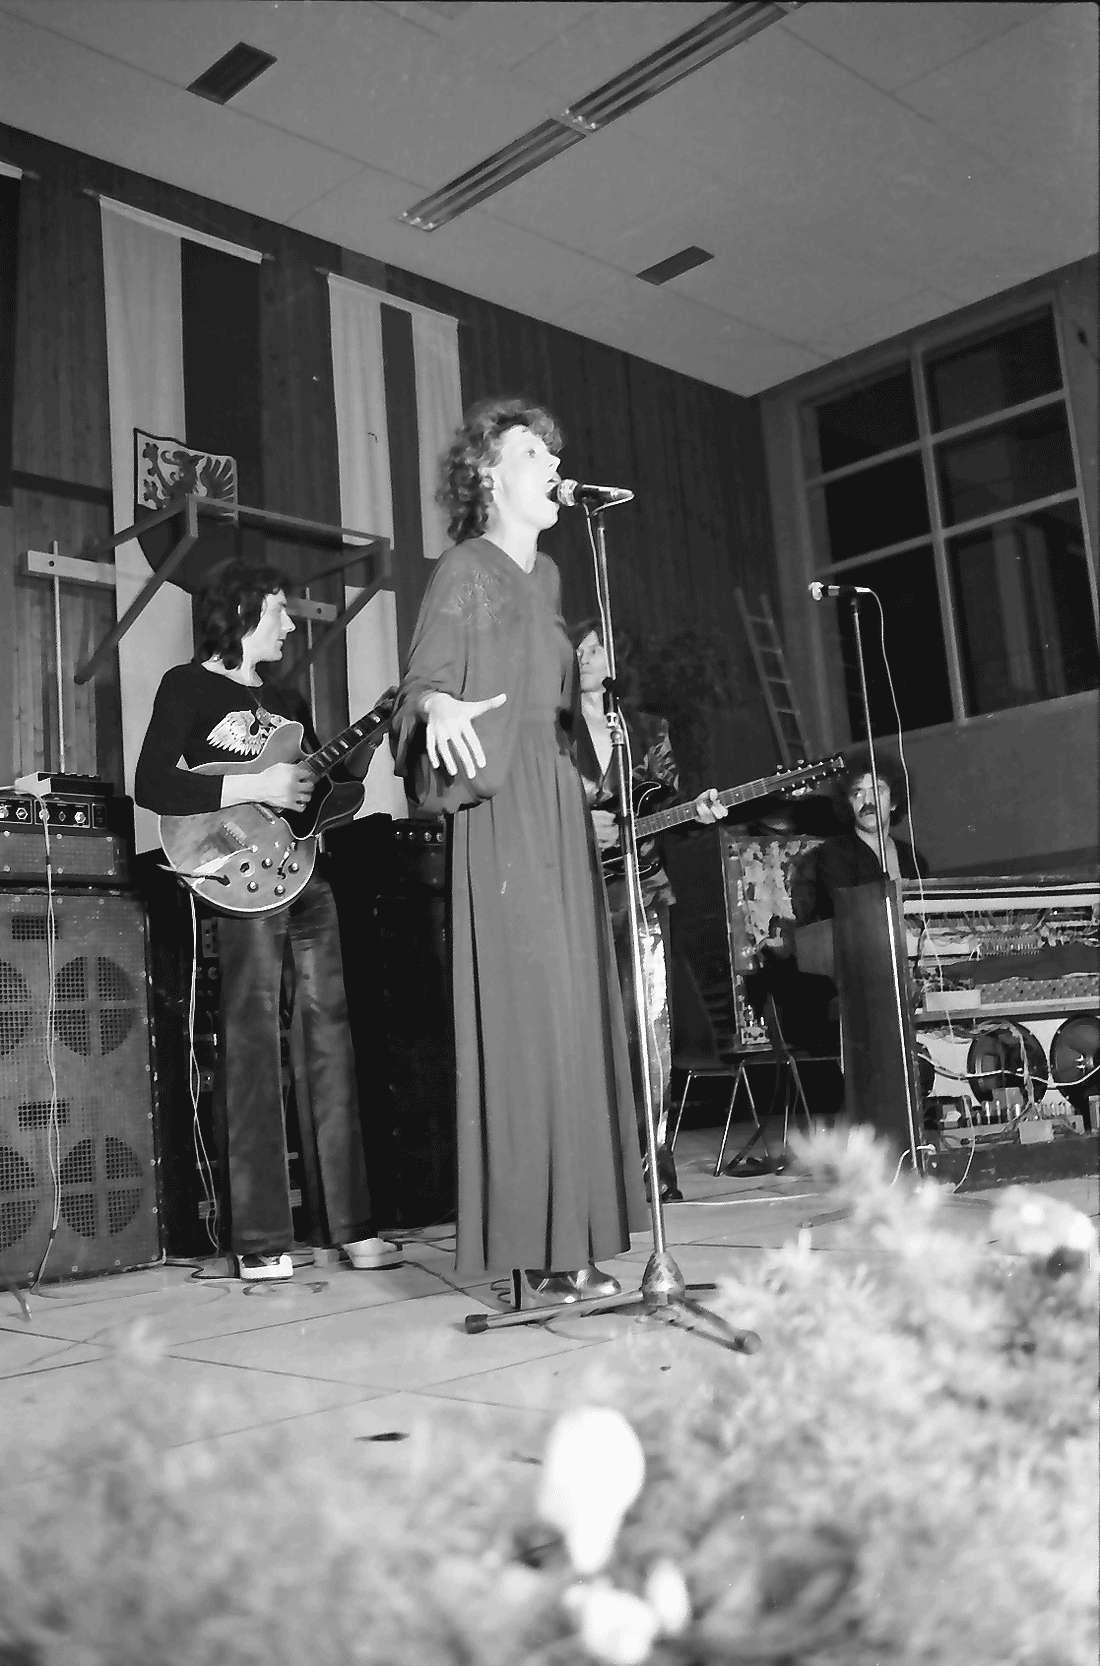 Hochdorf: Mooswaldhalle; bunter Abend; Su Cramer; Sängerin, Bild 1